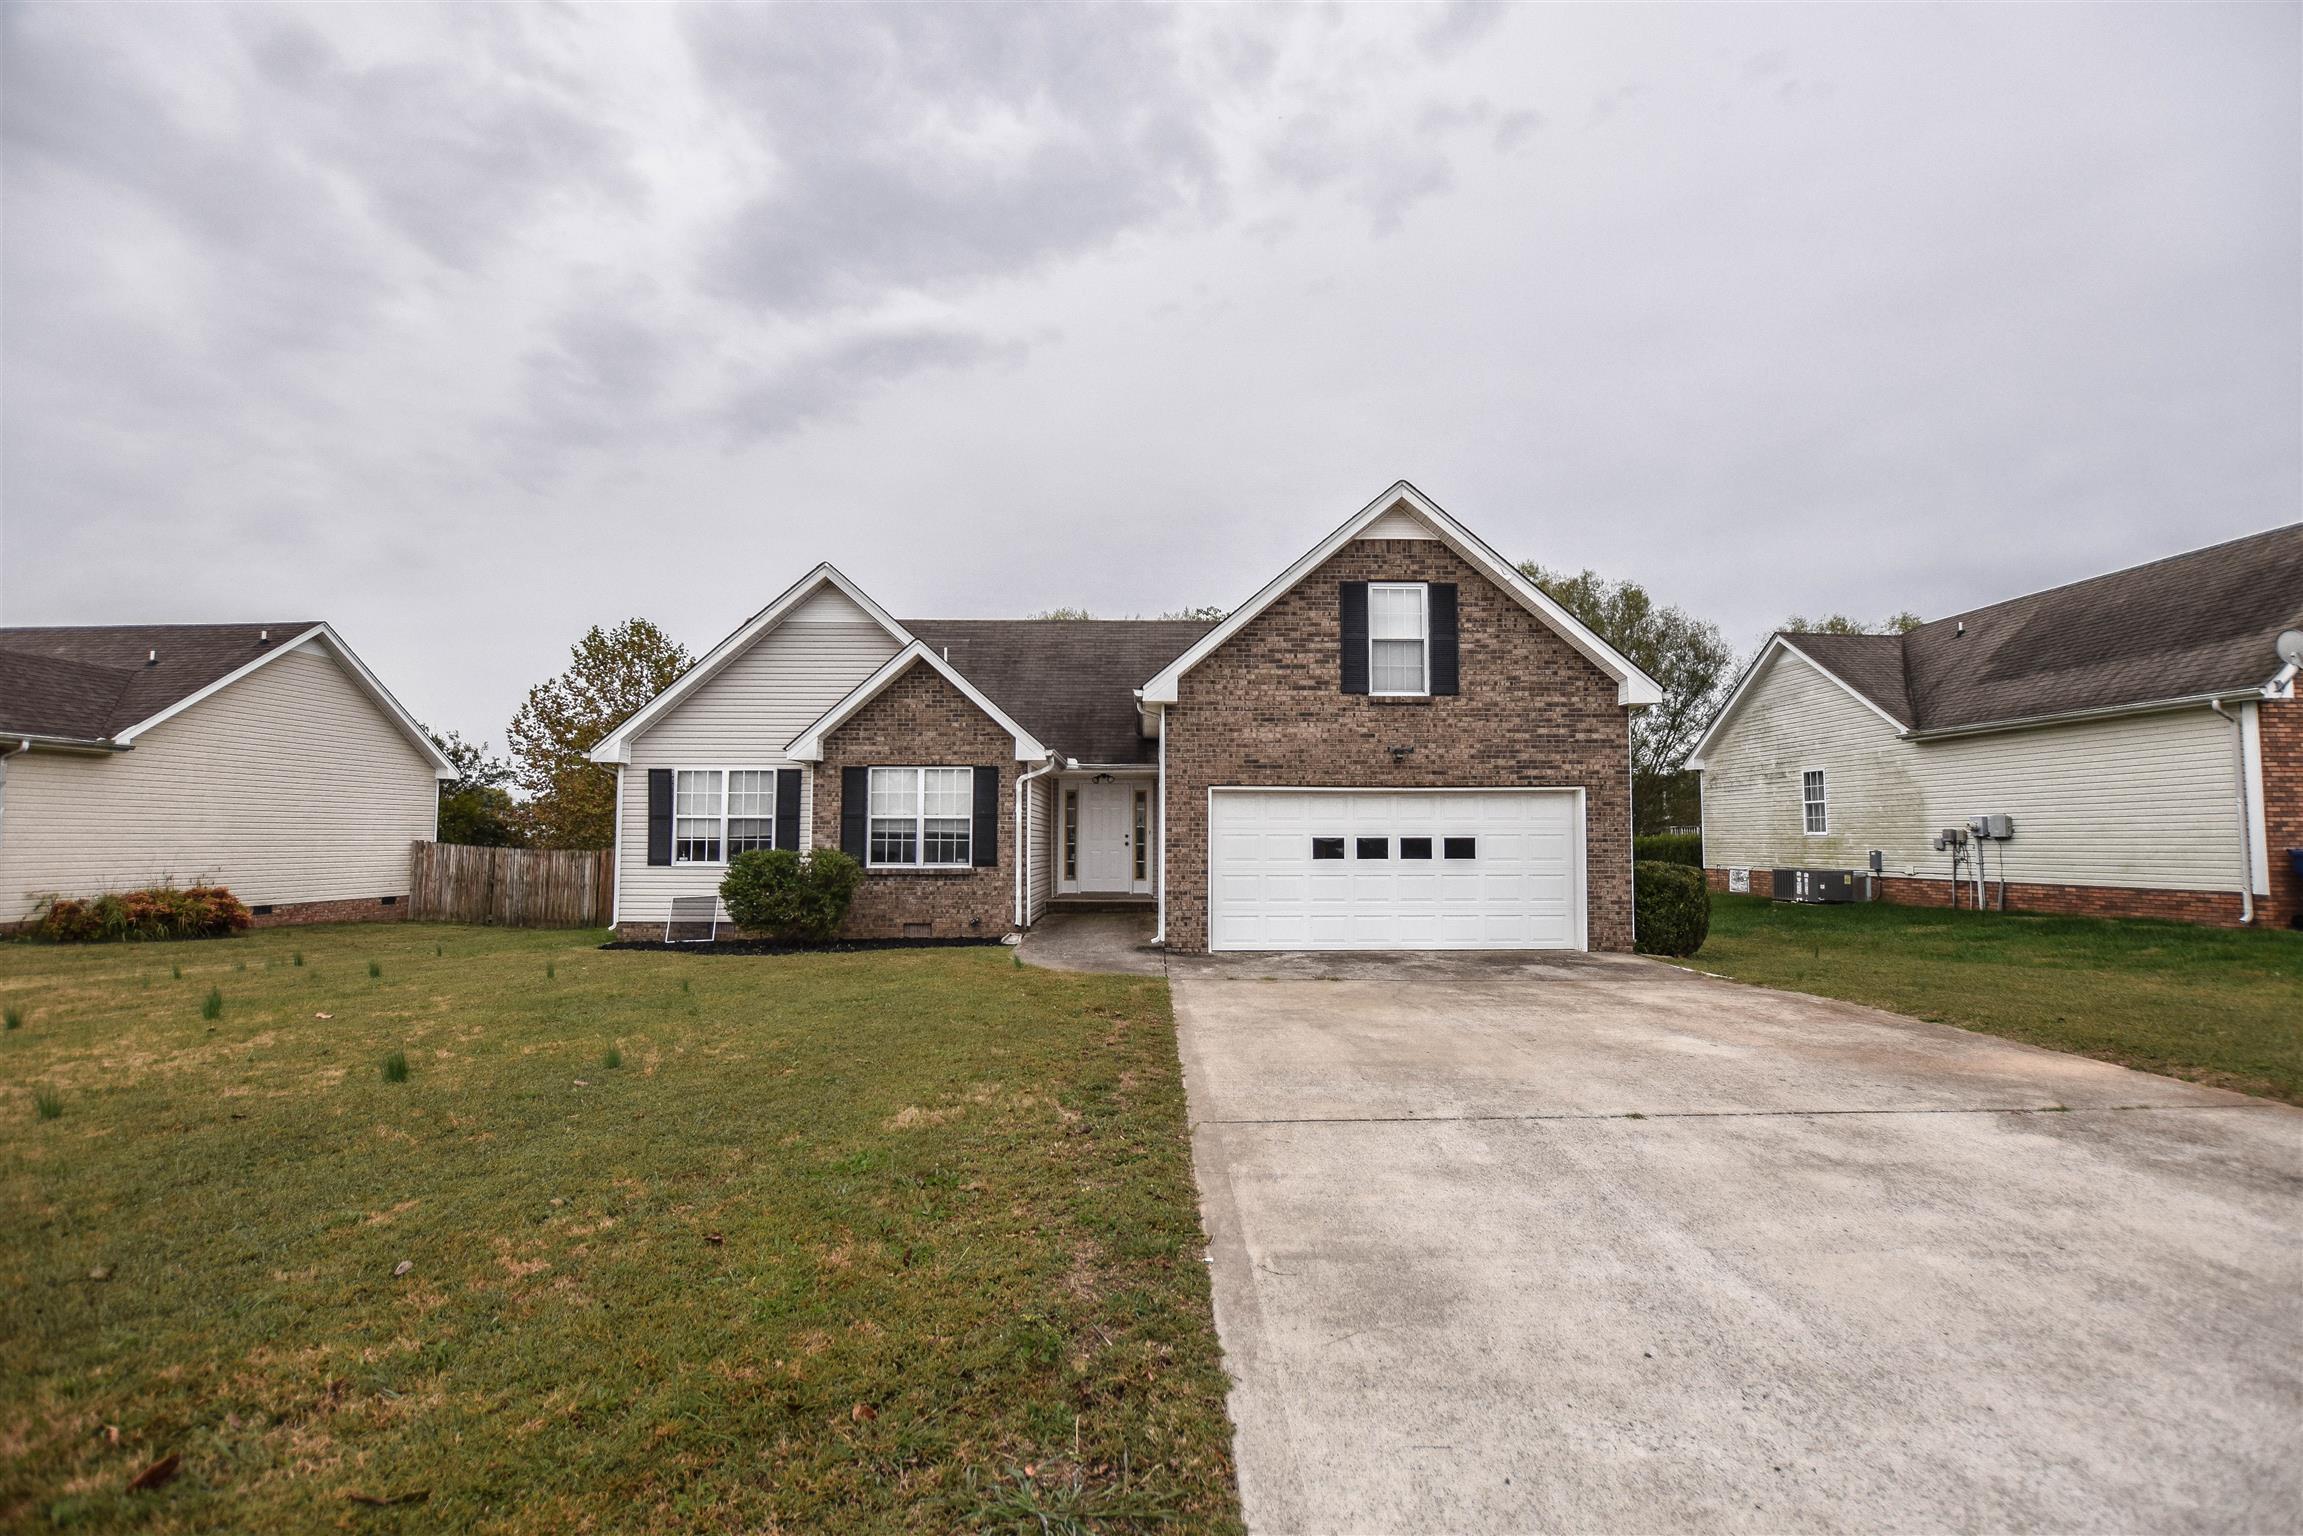 3817 Roscommon Way, Clarksville, TN 37040 - Clarksville, TN real estate listing